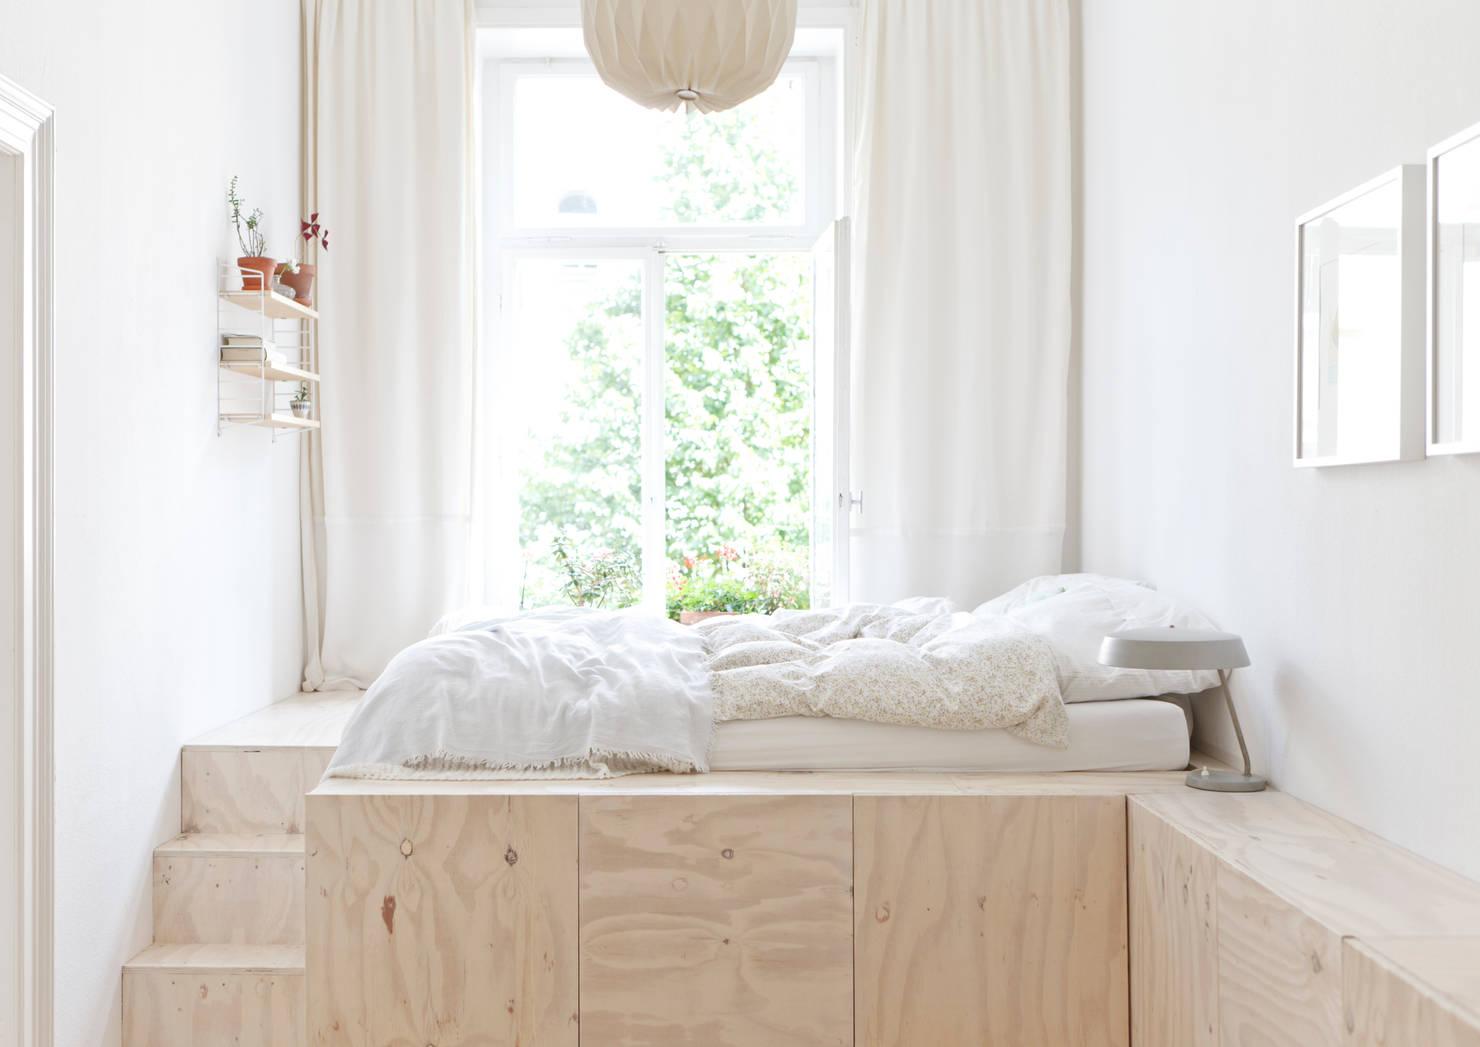 작은 방을 똑똑하게 나눠보자. 원룸을 위한 공간 분리 아이디어 7